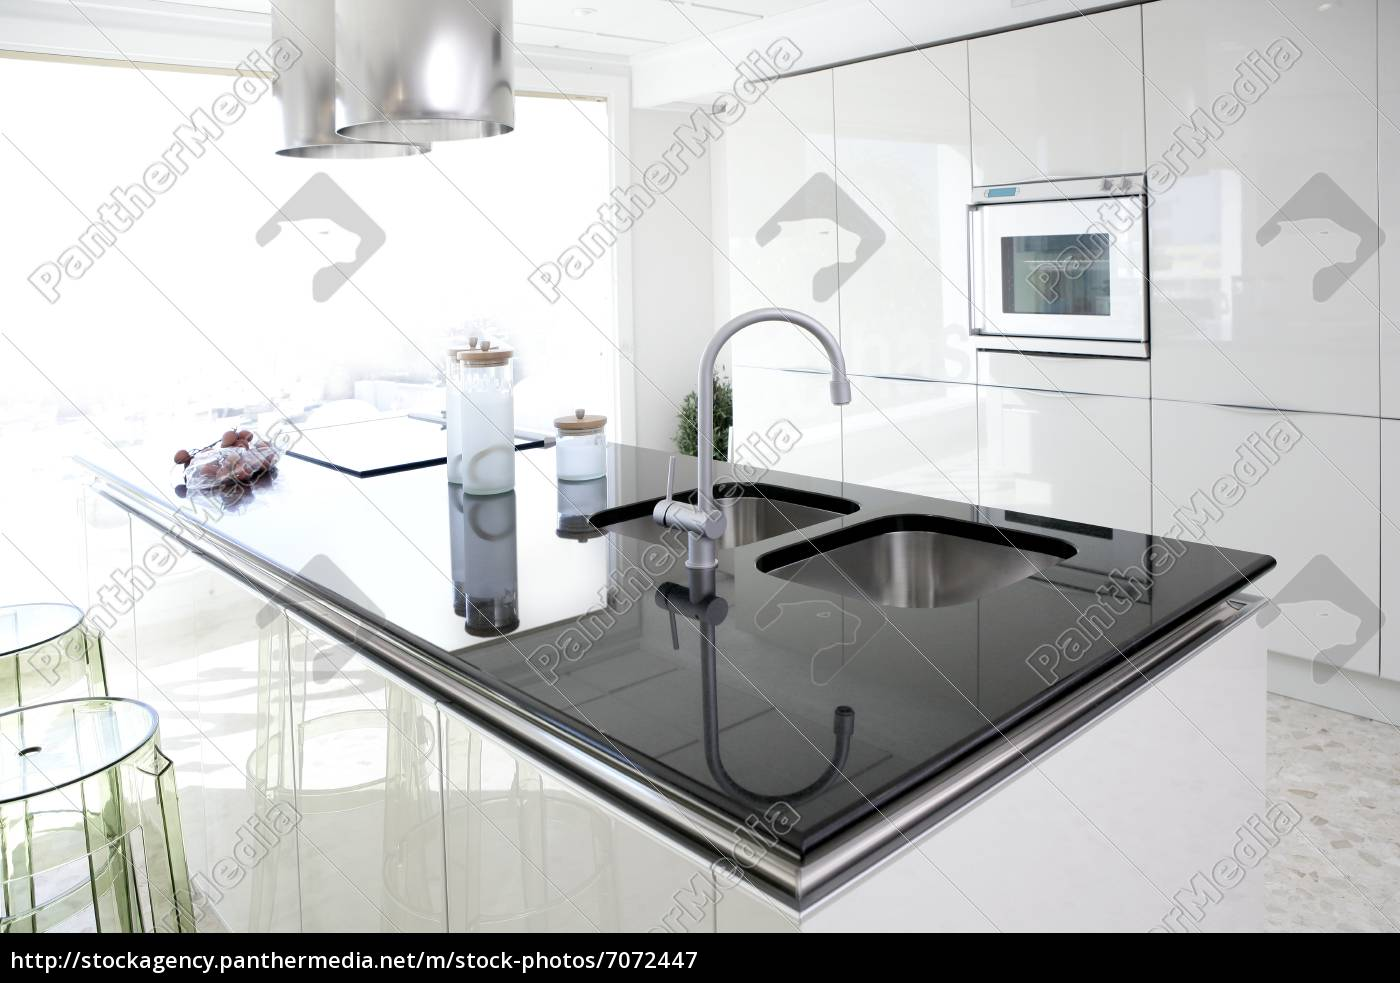 moderne weiße küche sauber innenarchitektur - Lizenzfreies Bild ...